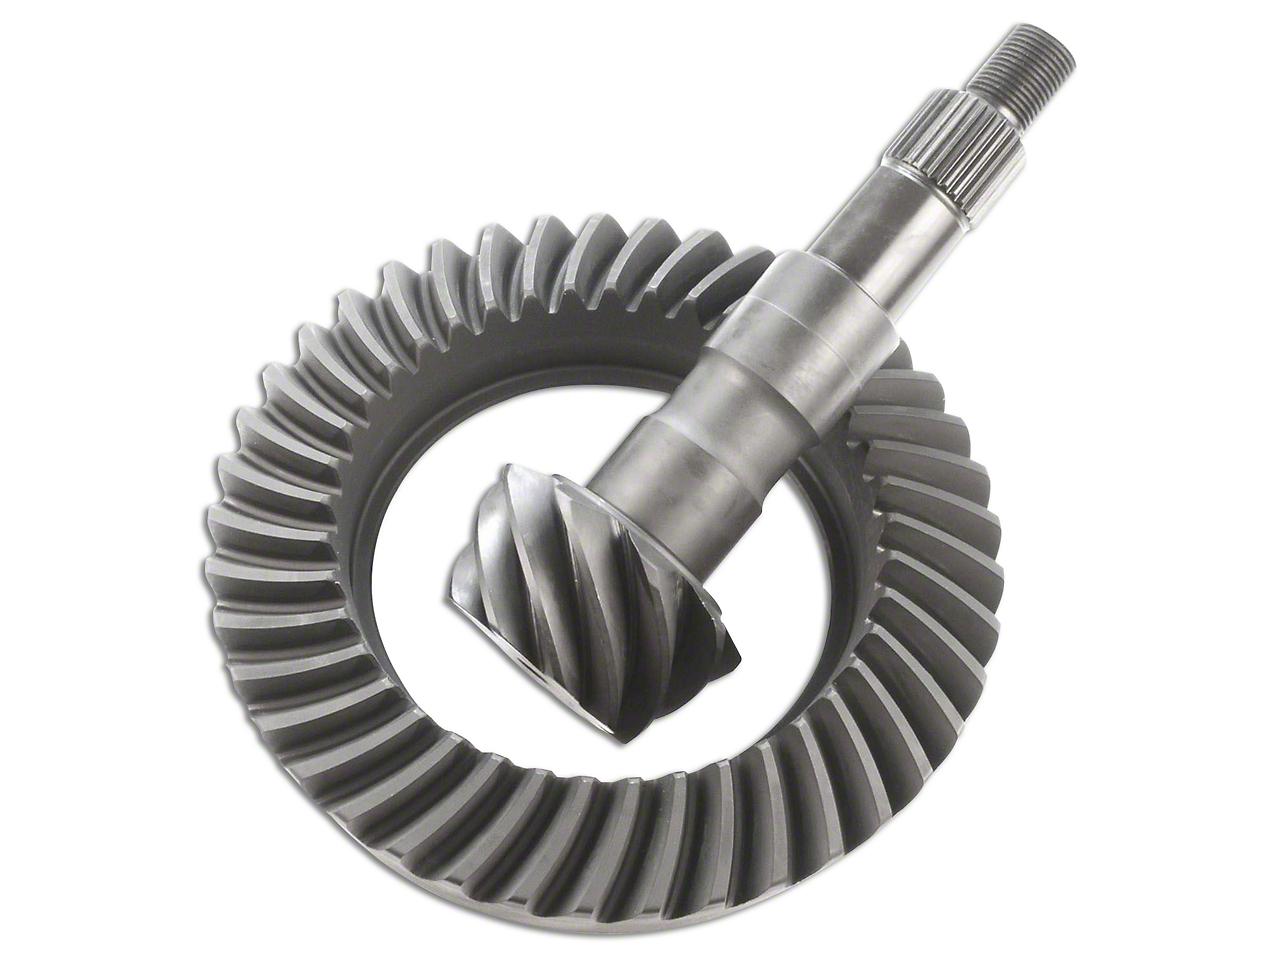 Motive 8.5 in. & 8.6 in. Rear Ring Gear and Pinion Kit - 4.11 Gears (07-13 Sierra 1500)